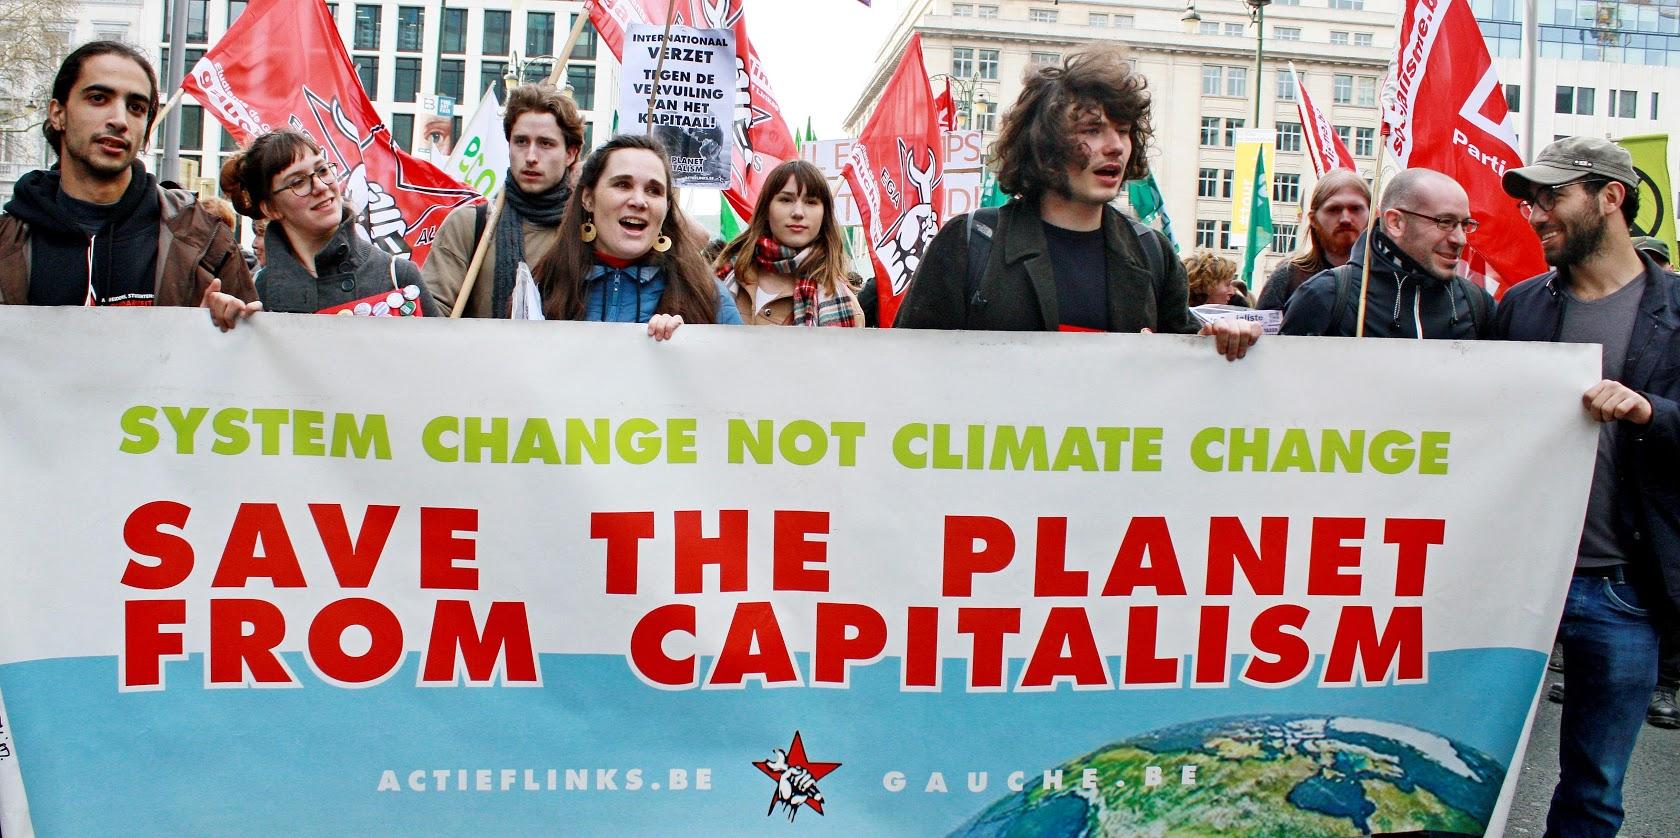 Waren de klimaatacties een maat voor niets?